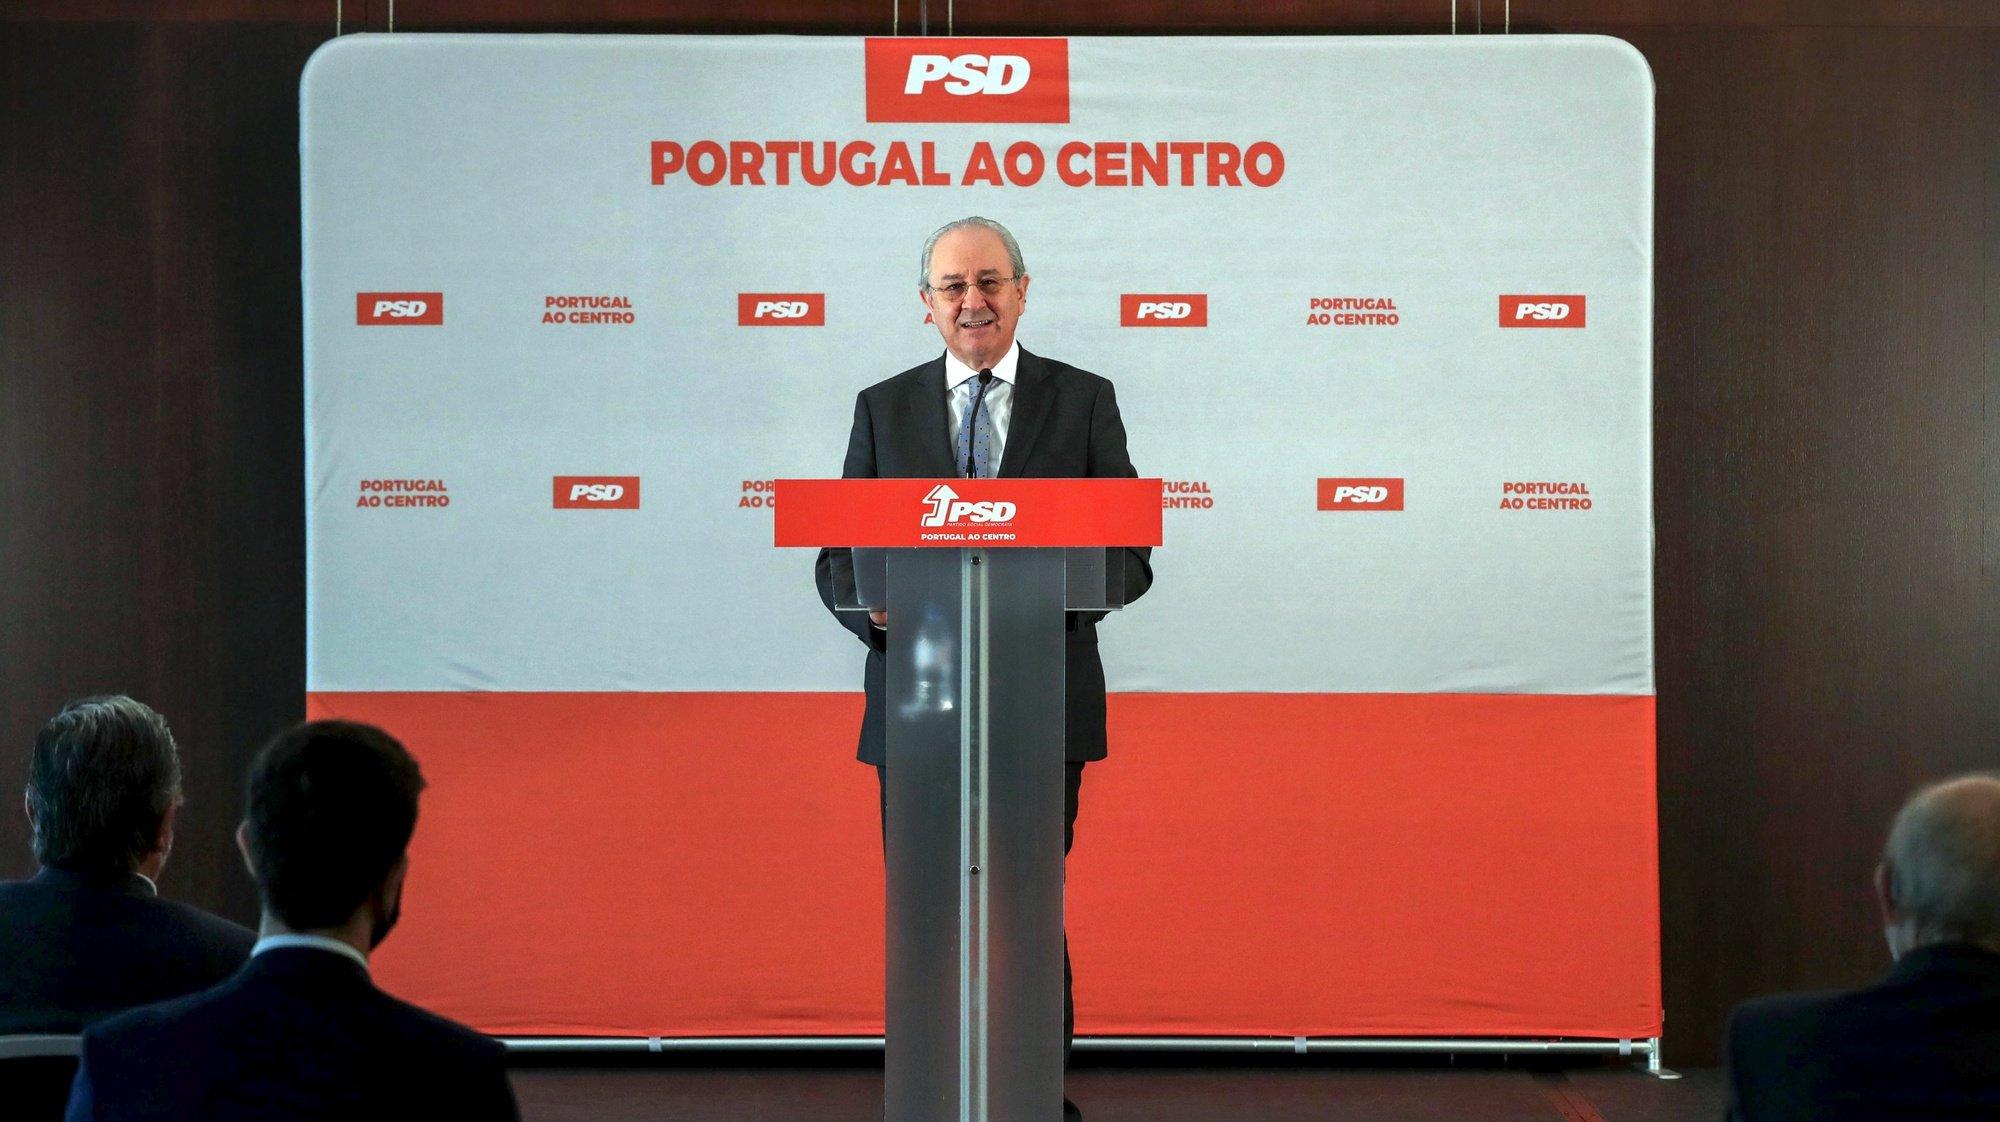 O presidente do PSD, Rui Rio, durante uma declaração de reação sobre a Operação Marquês e o estado da Justiça, num hotel do Porto, 12 de abril de 2021. ESTELA SILVA/LUSA